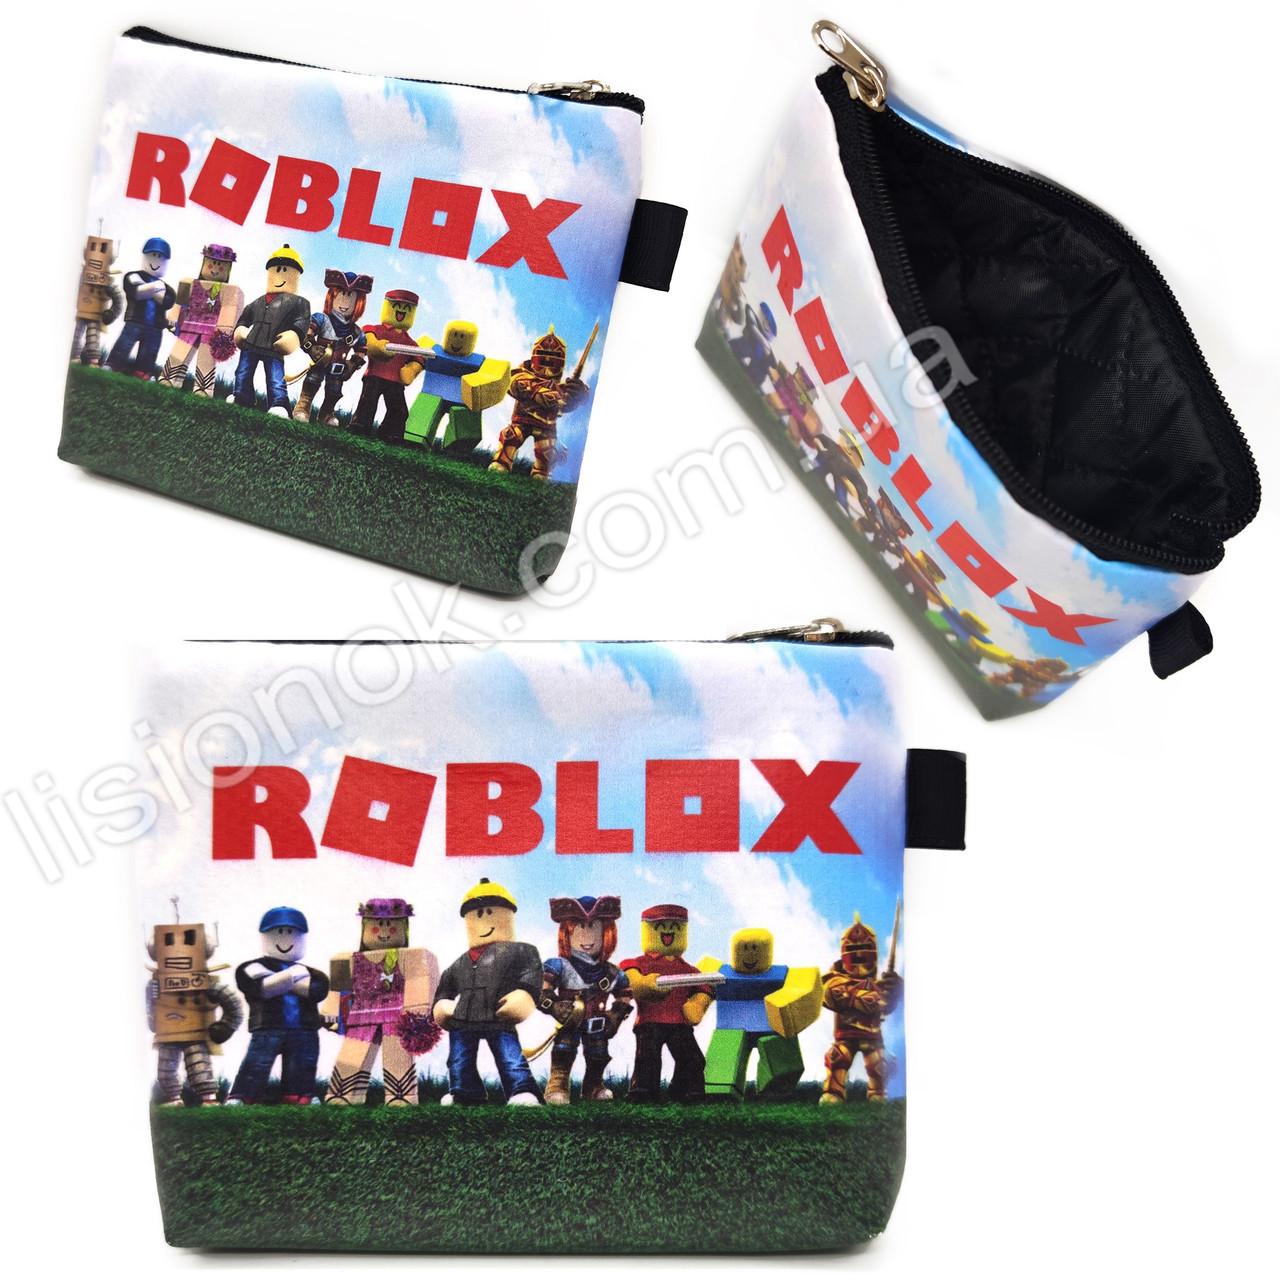 Кошелек Роблокс на змейке, яркий, красочный, с героями любимой игры Roblox